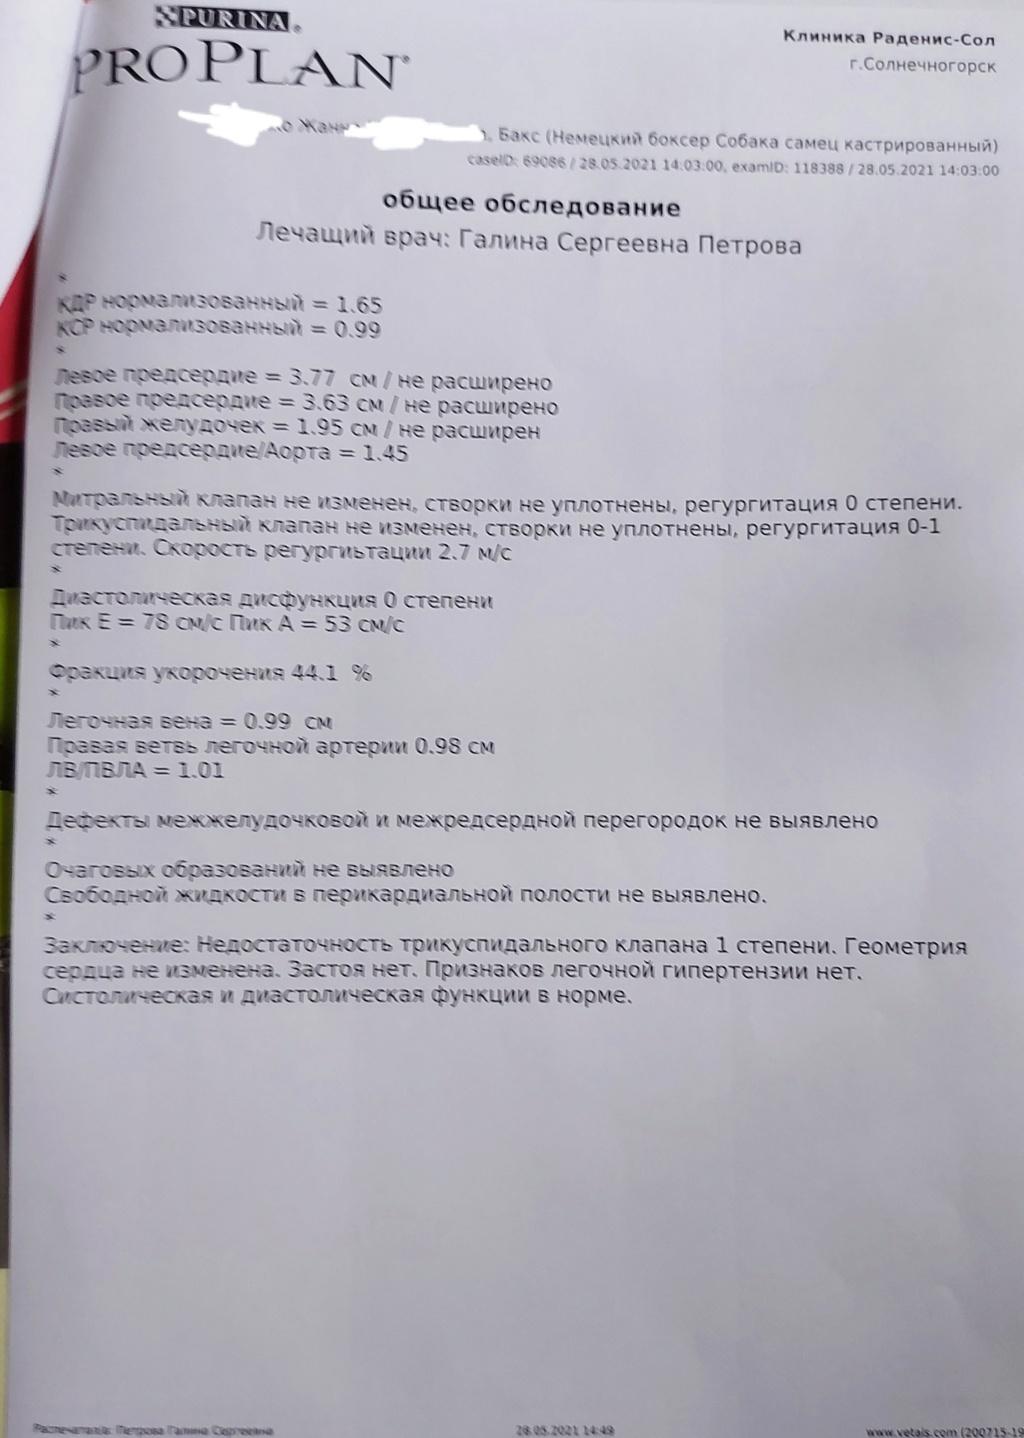 Москва, Бакс, кобель, 02.06.2010 - Страница 17 20210522